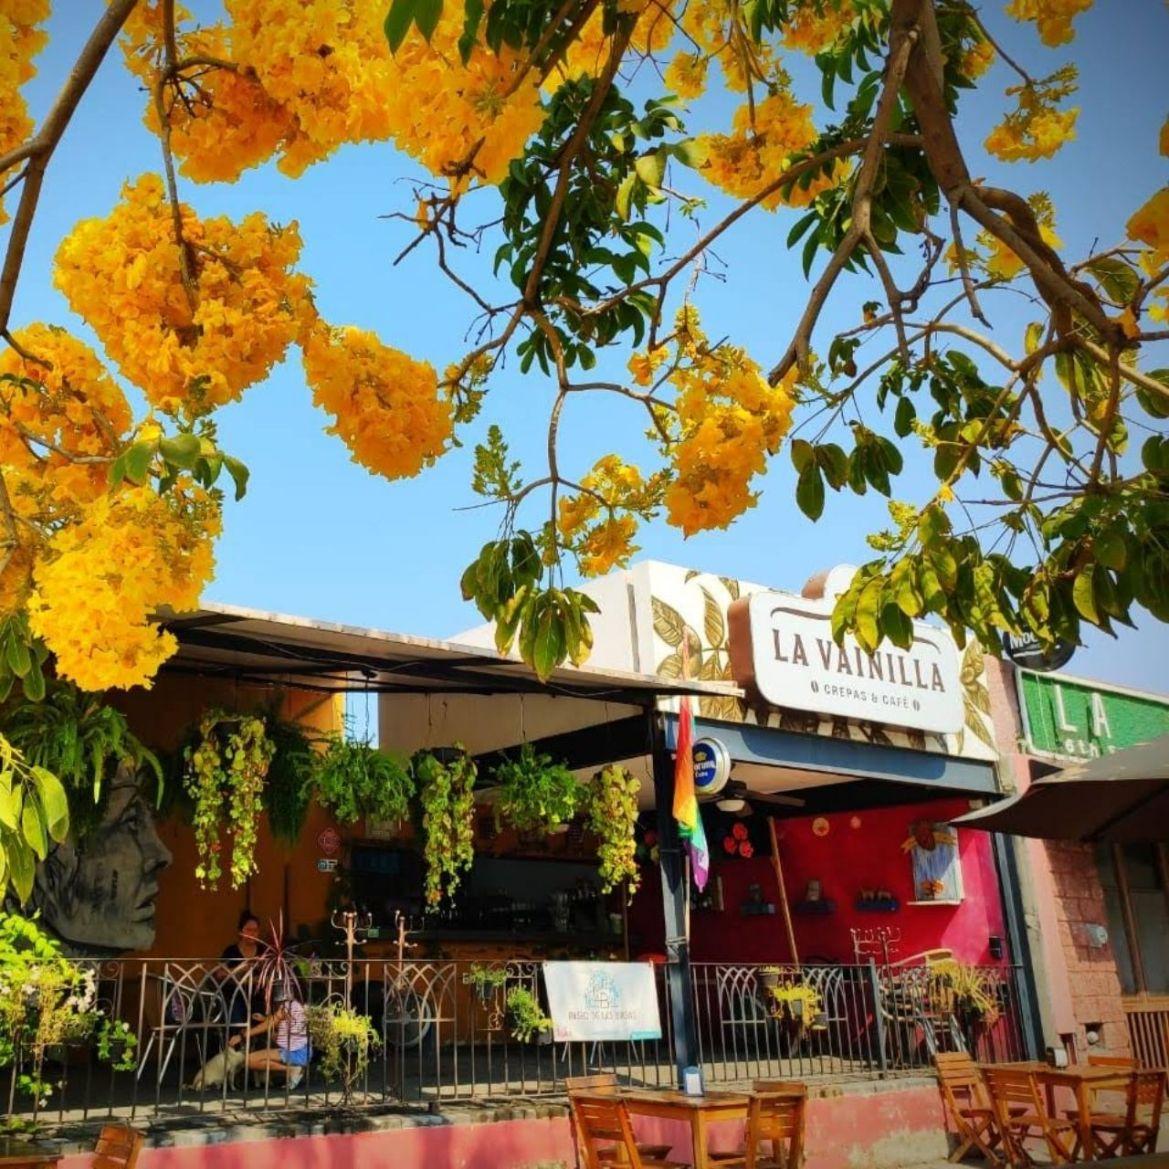 restaurante en Manzanillo la Vainilla